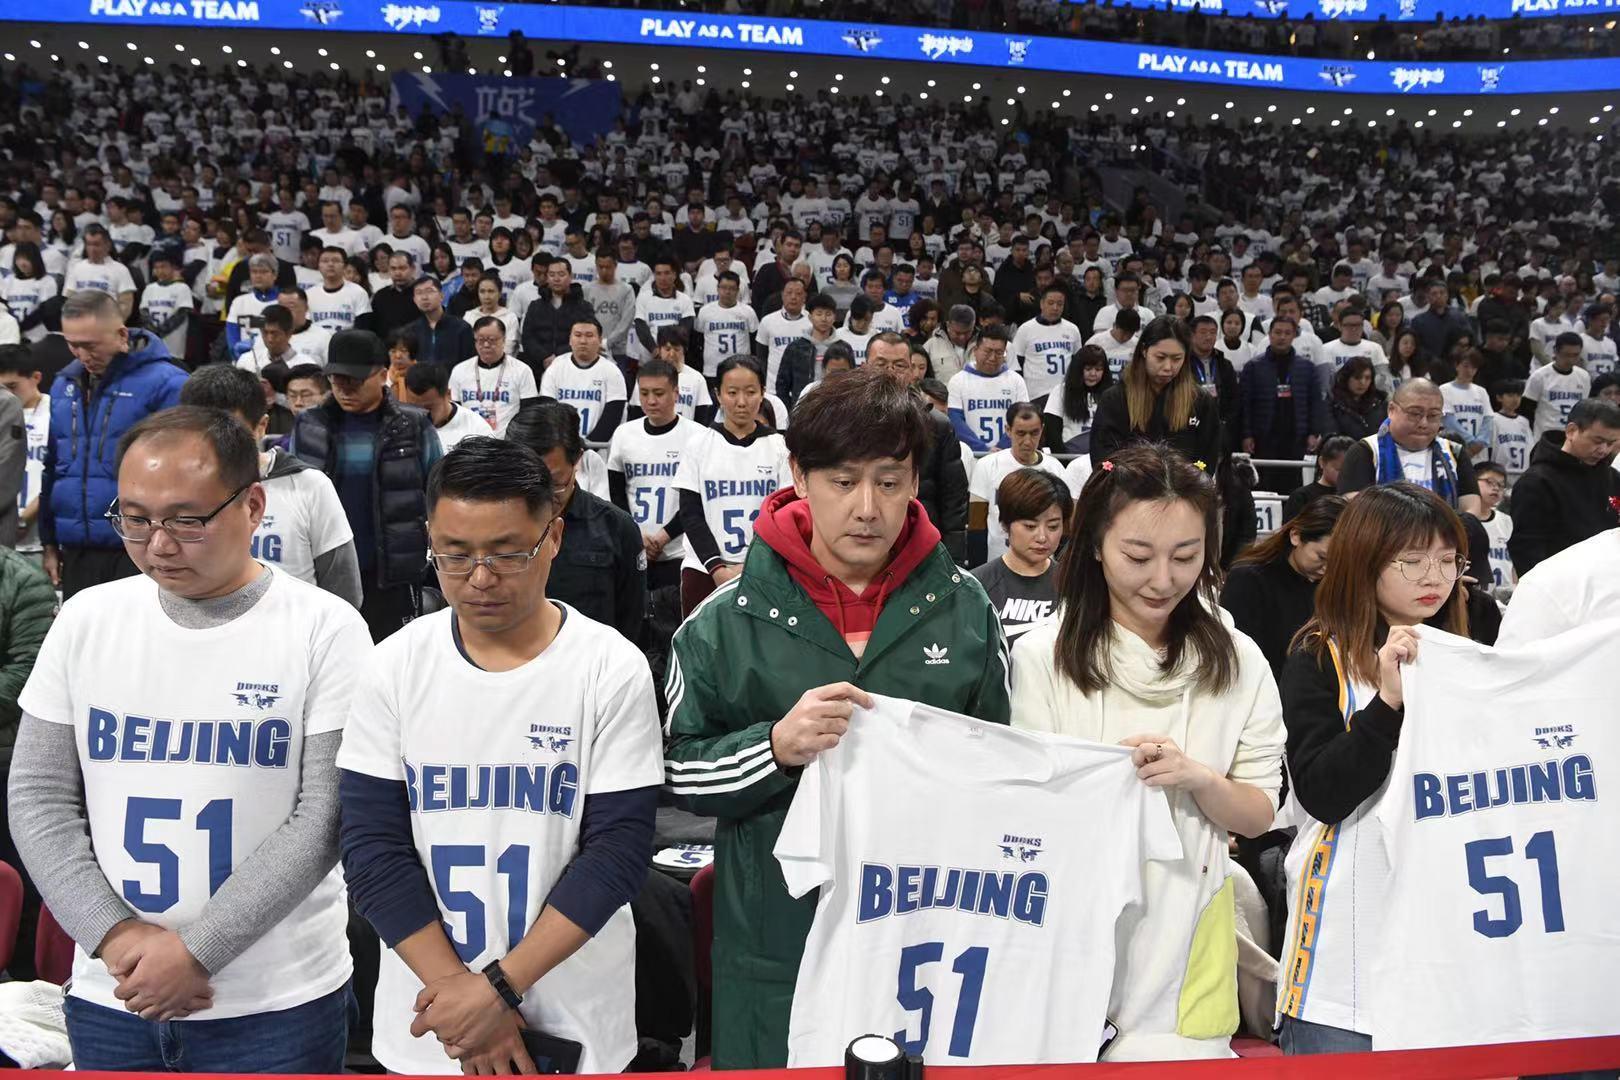 球迷们穿着印有吉喆51号的T恤。新京报记者 吴江 摄